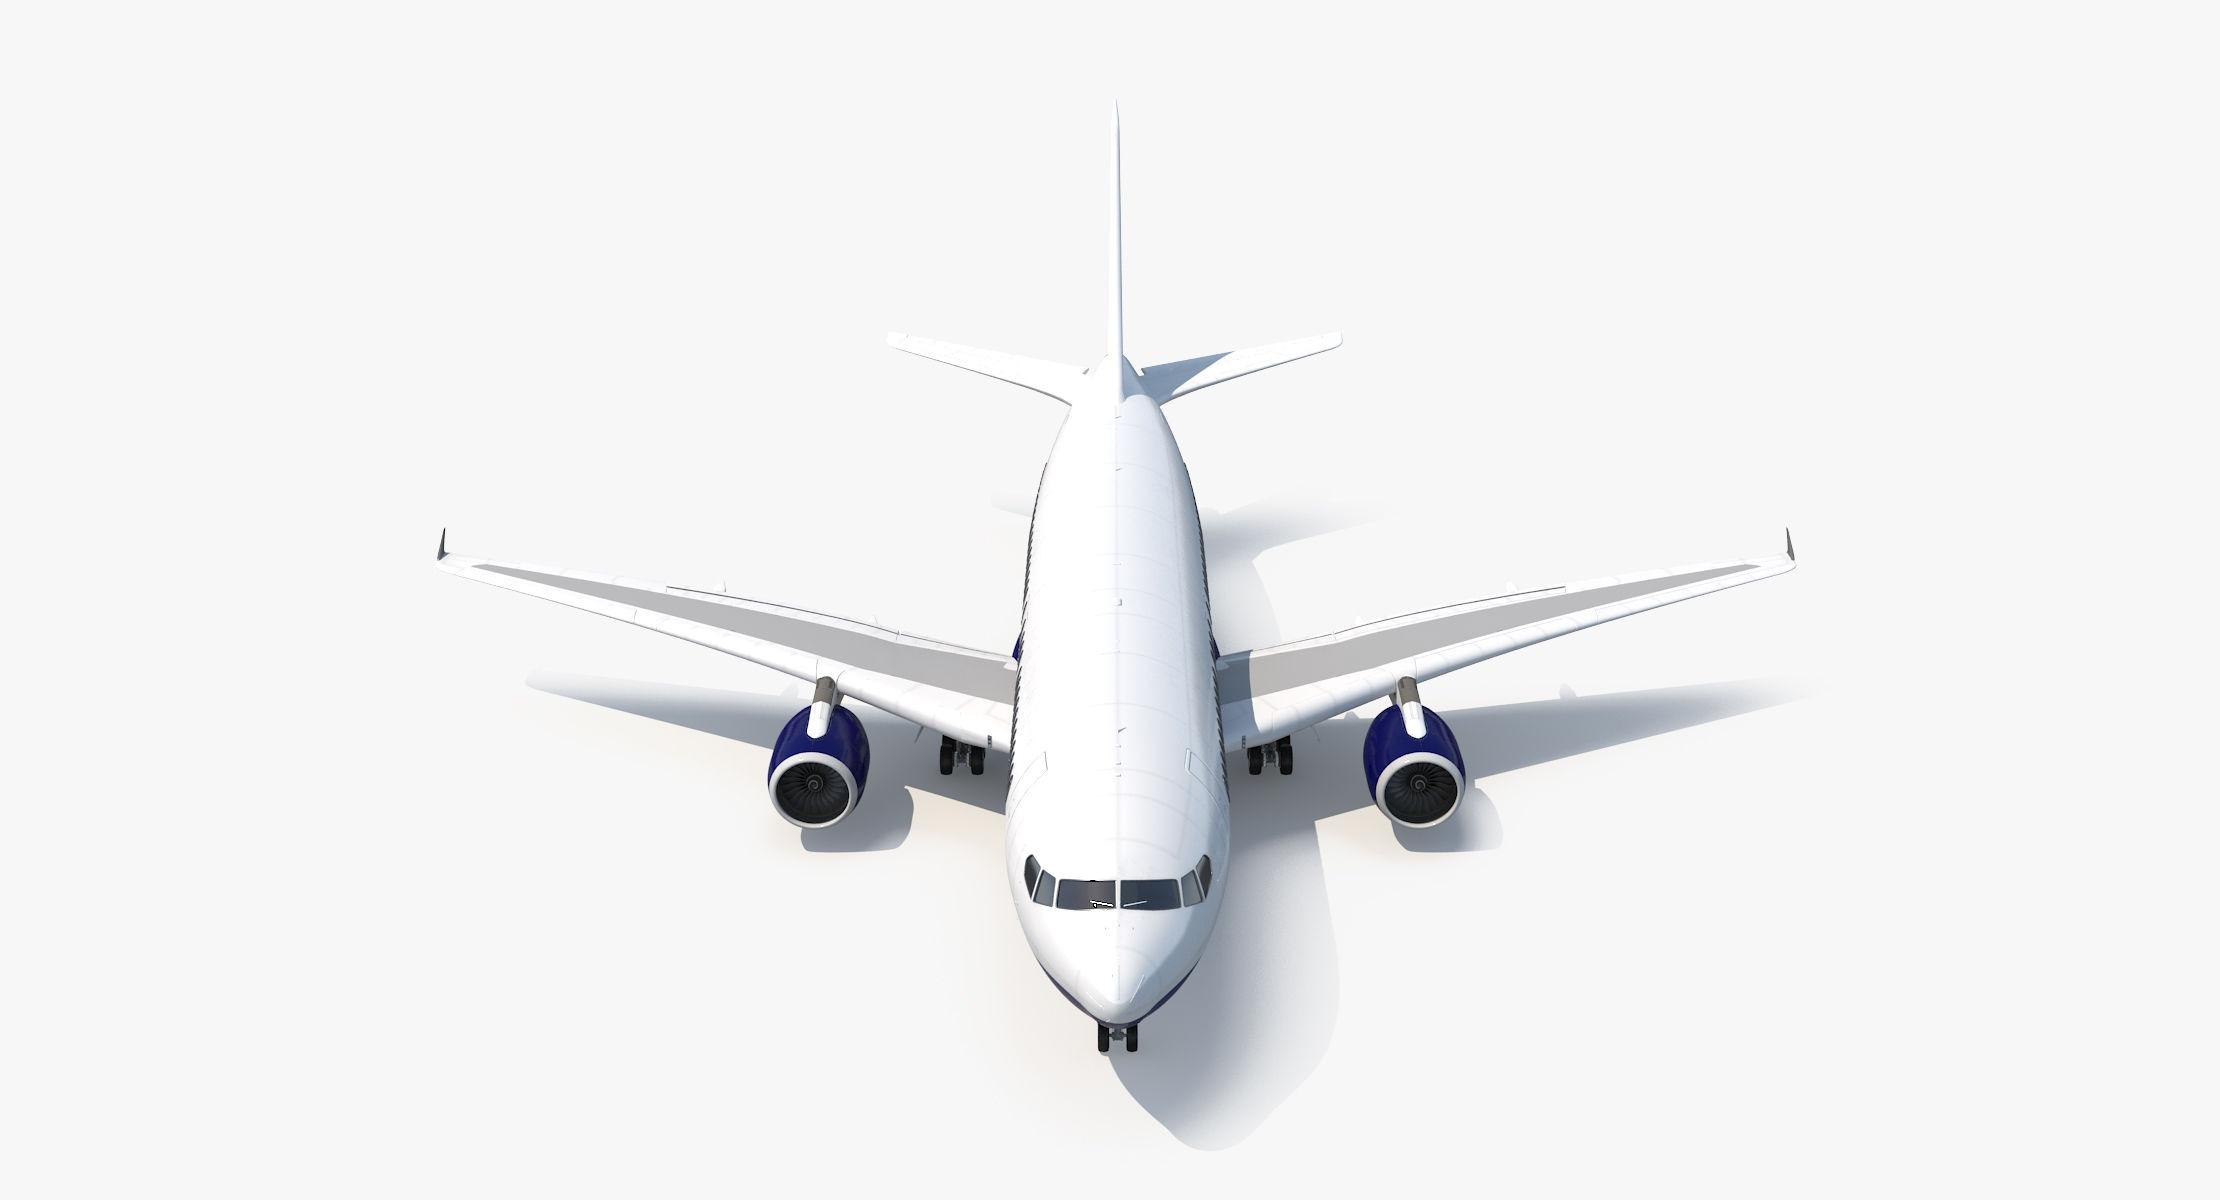 Airliner 01 - reel 1